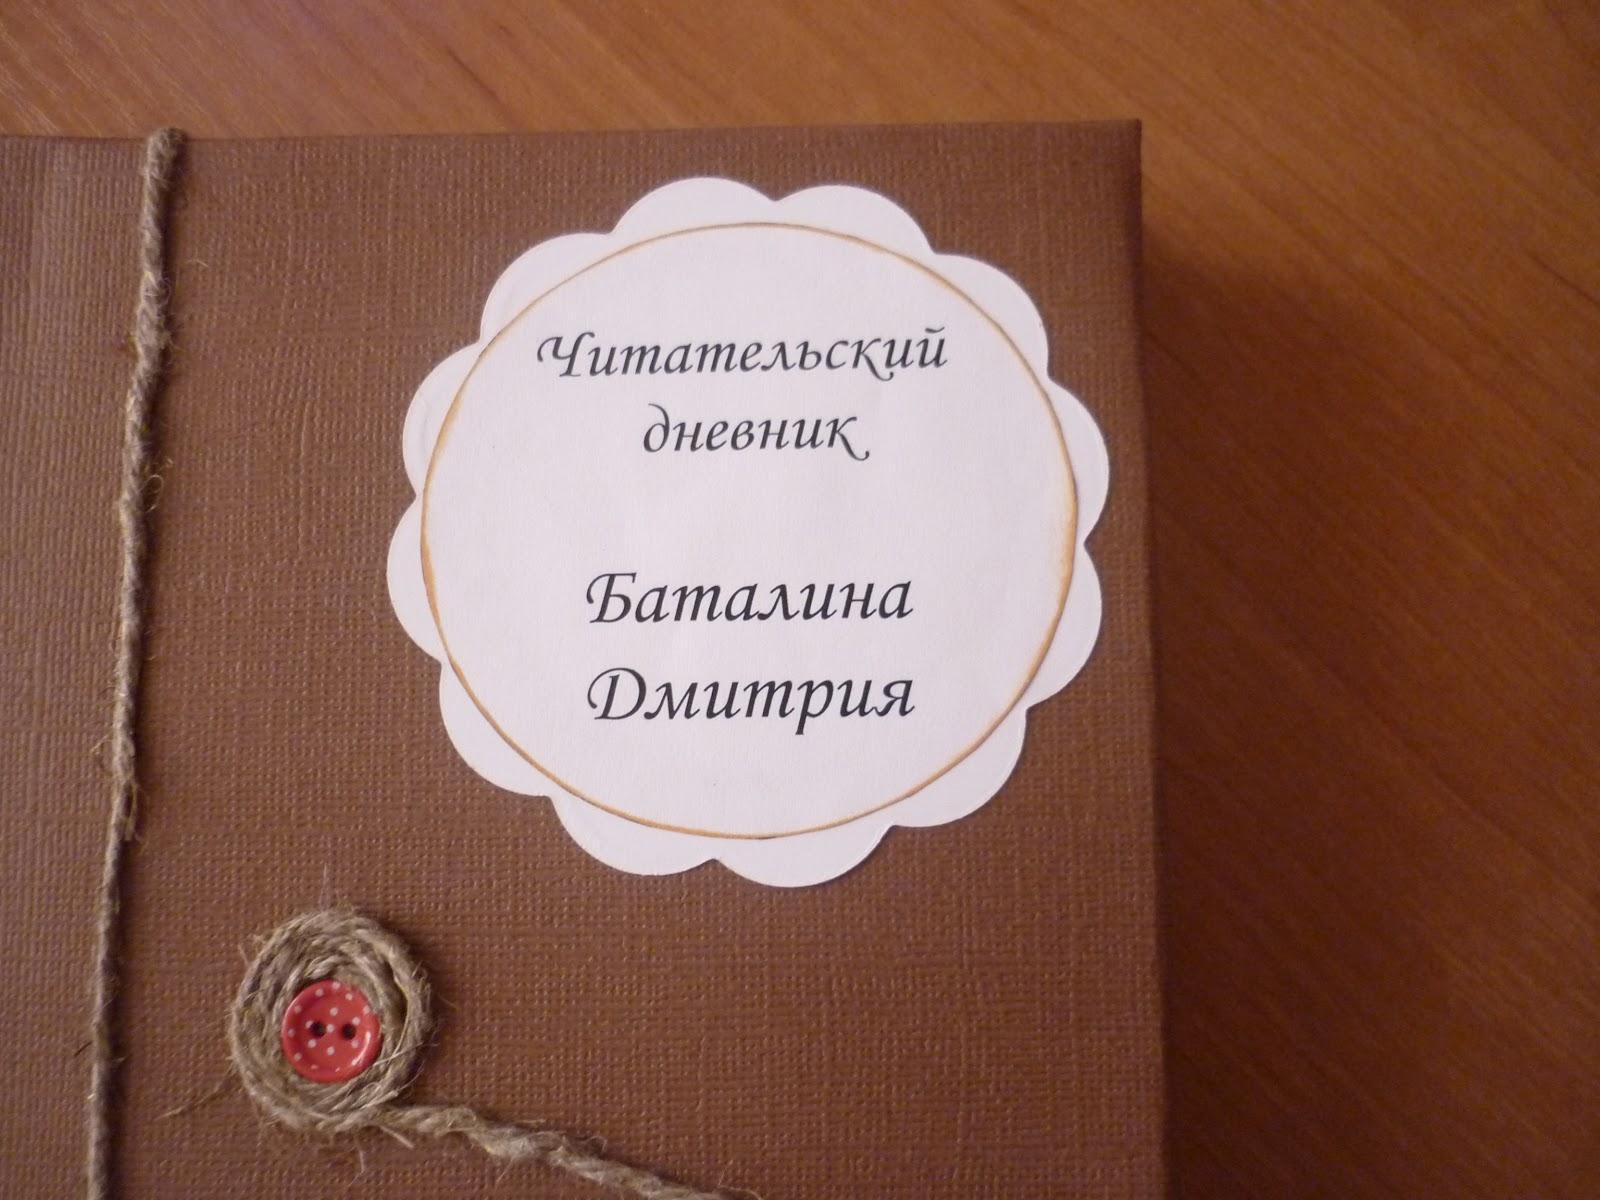 Как оформить обложку читательский дневник своими руками